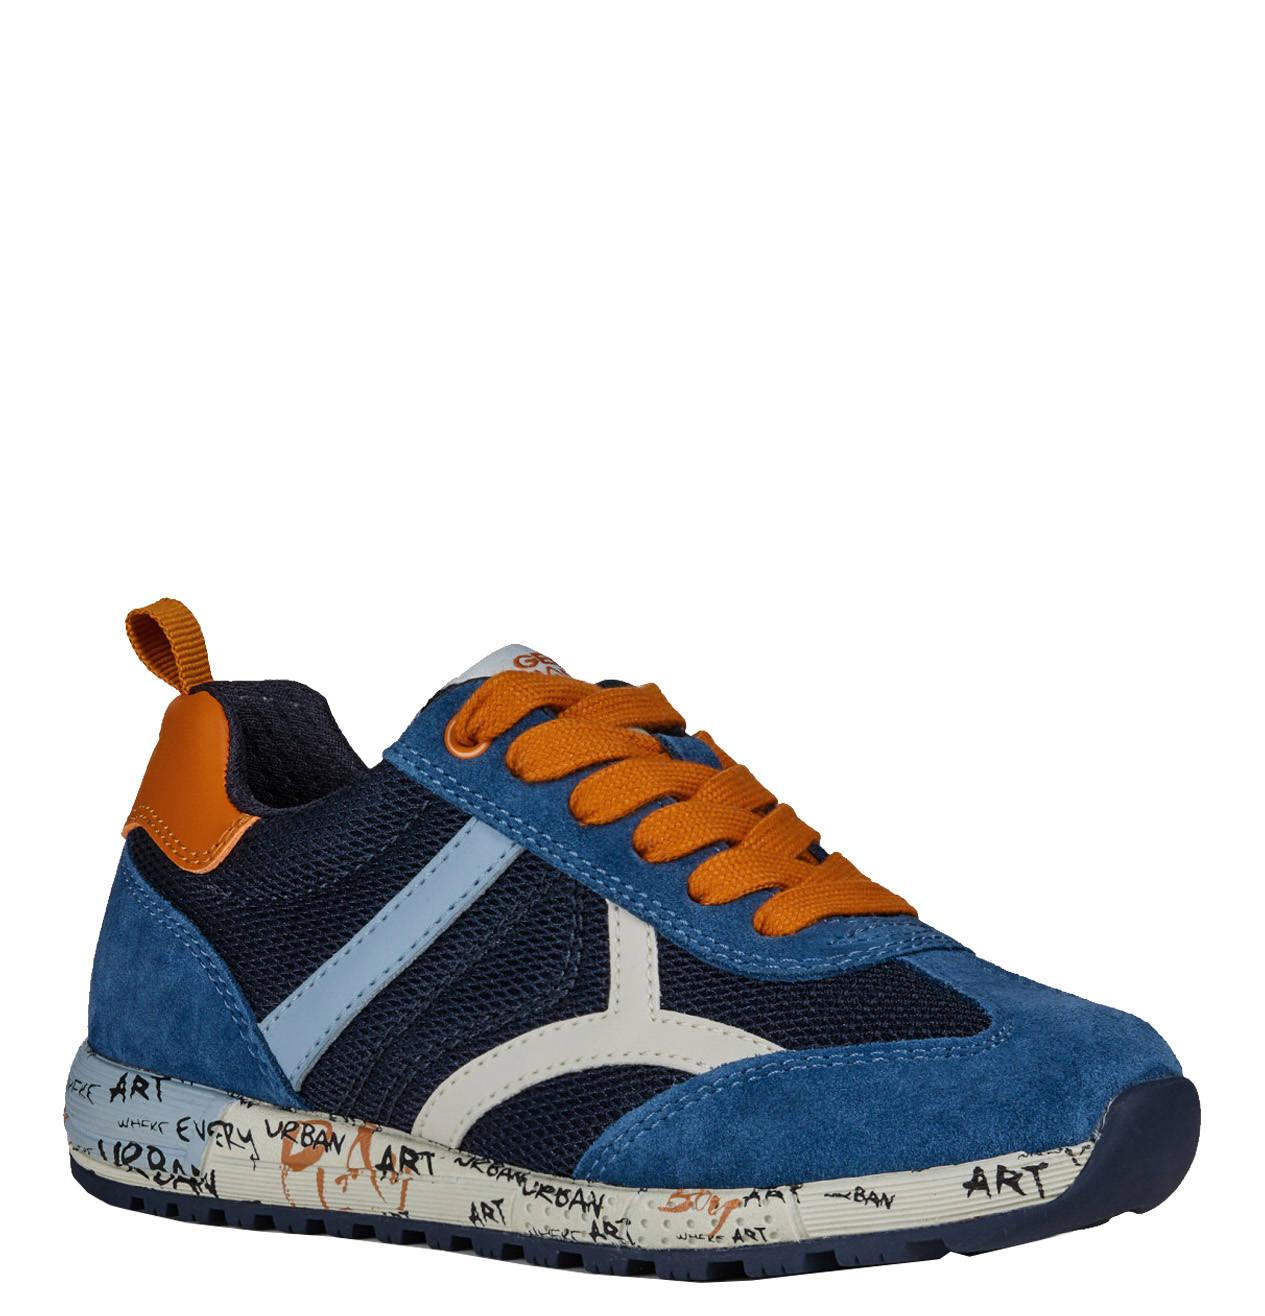 zuverlässigste außergewöhnliche Auswahl an Stilen und Farben online Shop Sneaker